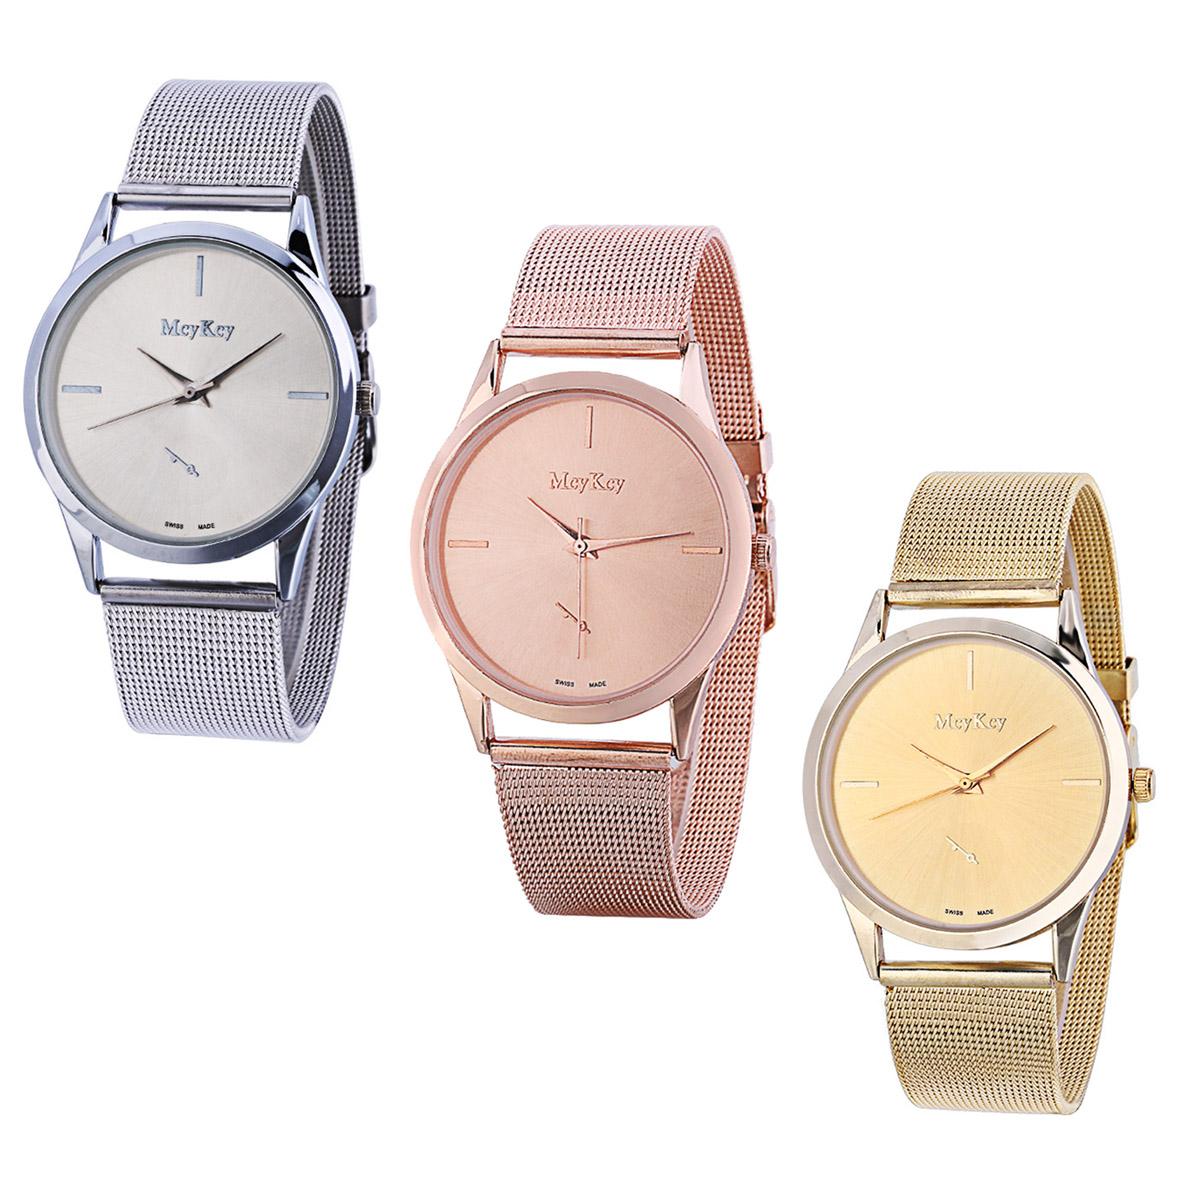 c7e8550dcf69 1X(Nuevo Relojes de mujer de moda Reloj de cuarzo de lujo para mujer ...